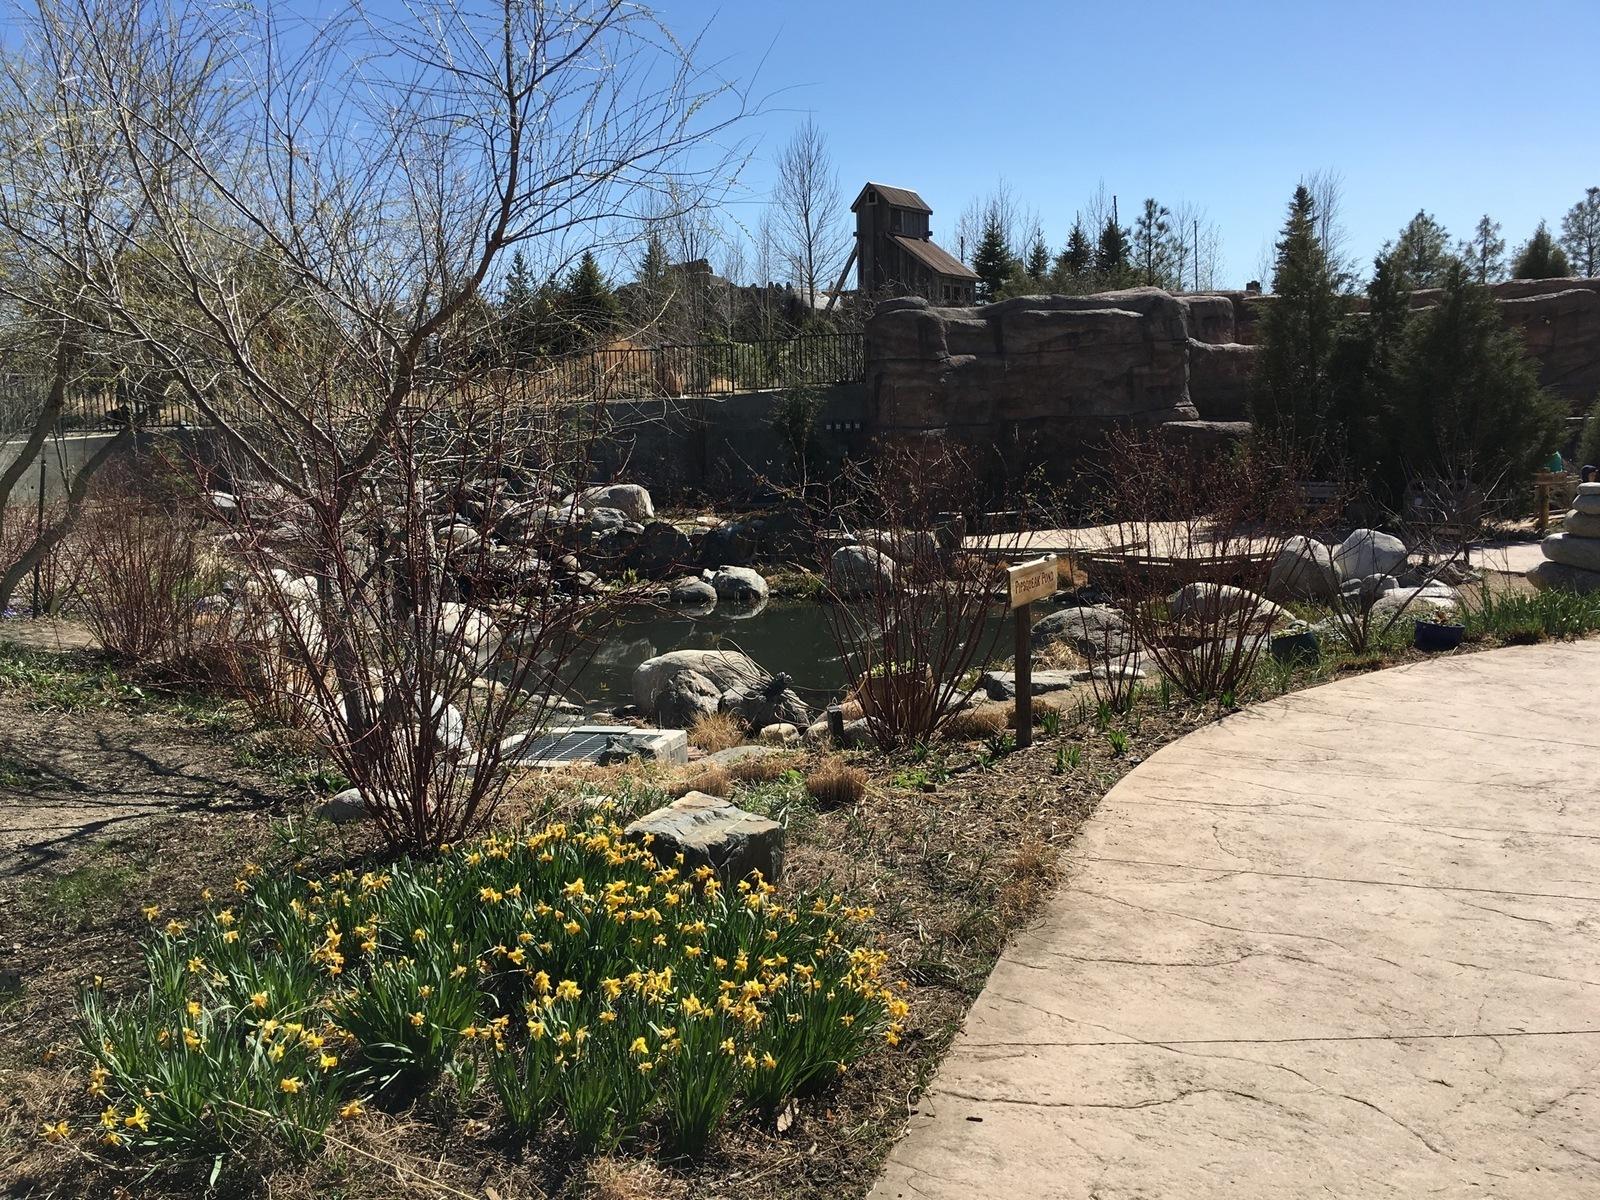 Denver botanical gardens hours creative of denver for Botanical gardens hours today